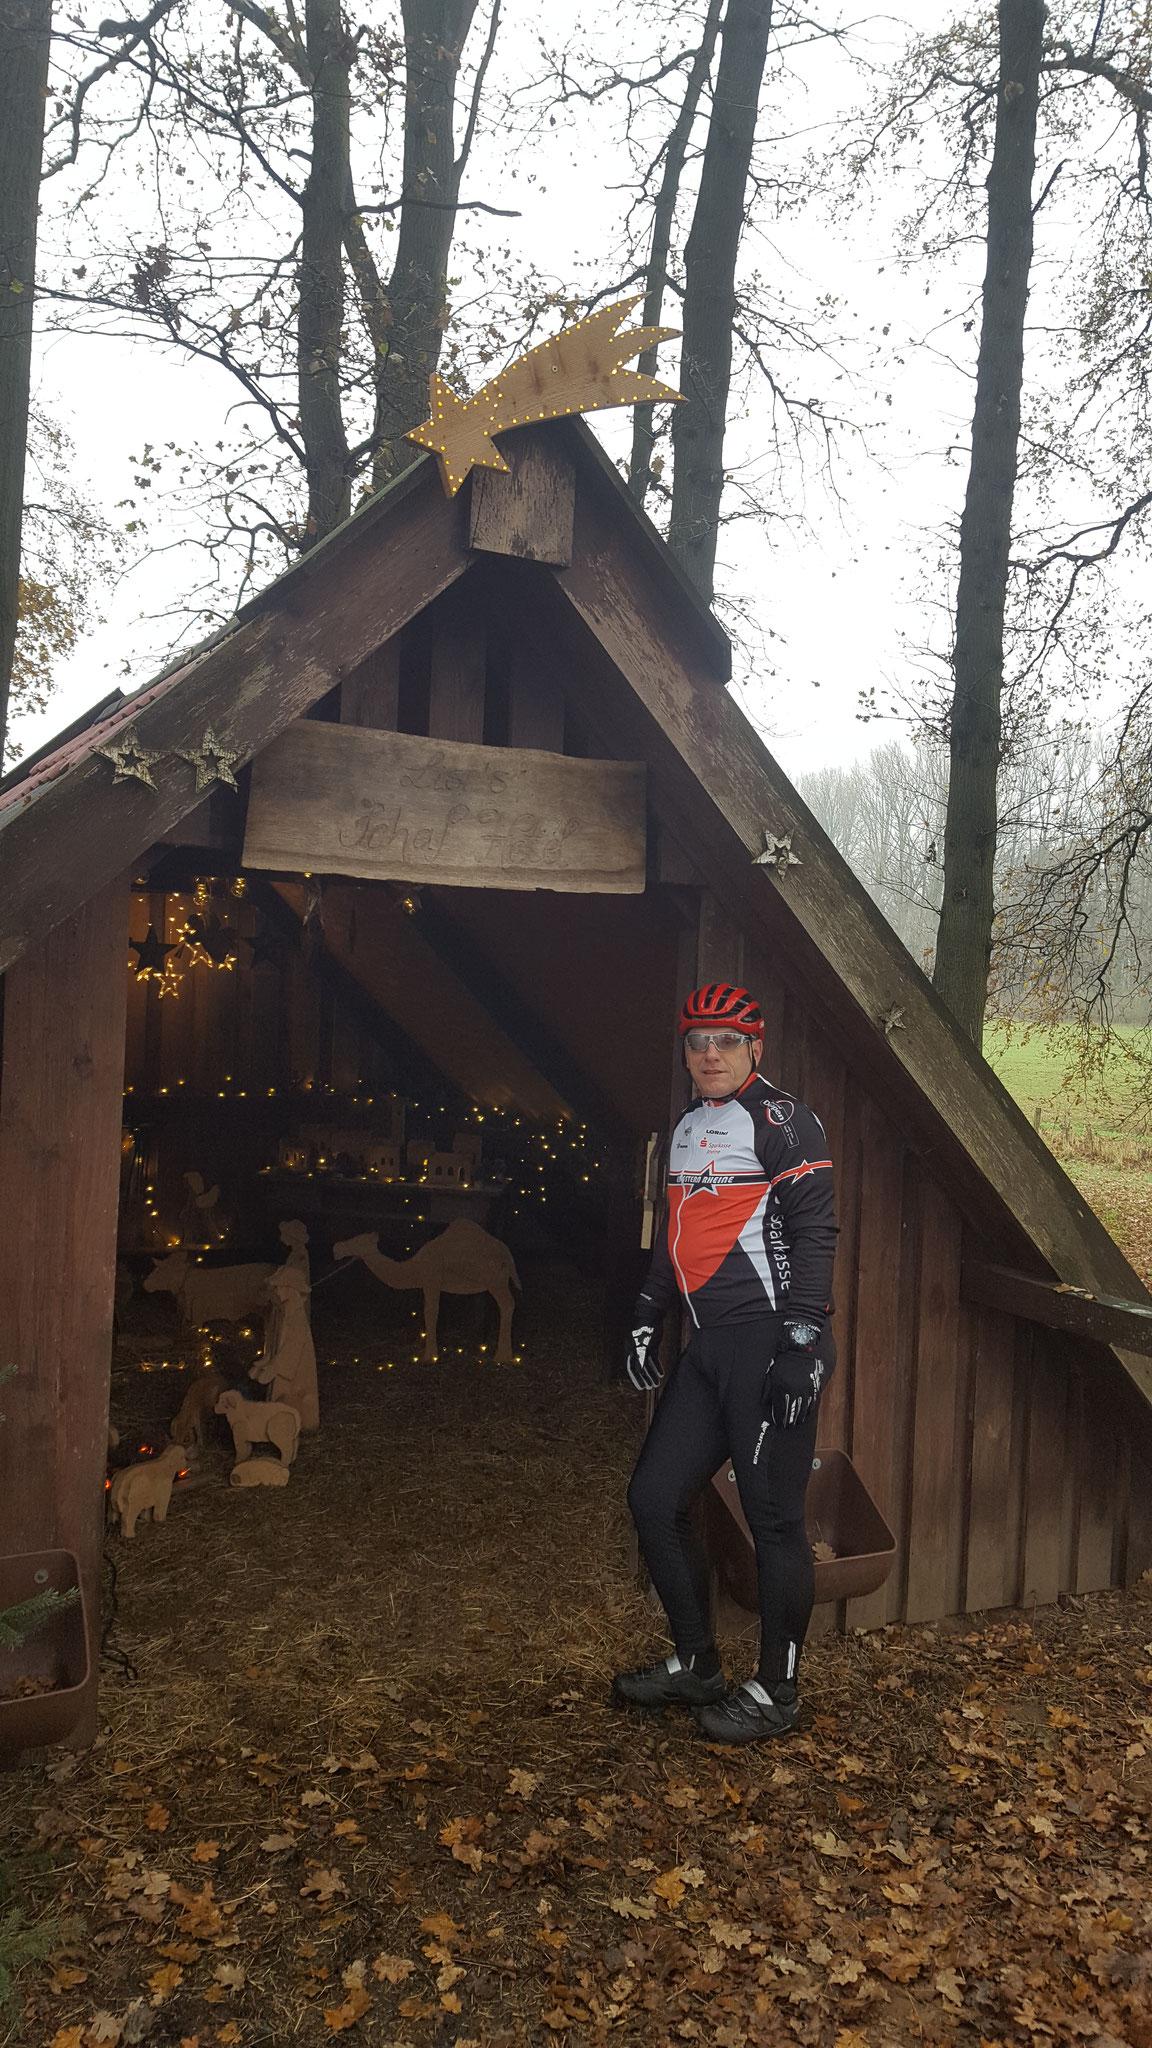 Weihnachtskrippe Salzbergen-Hummeldorf